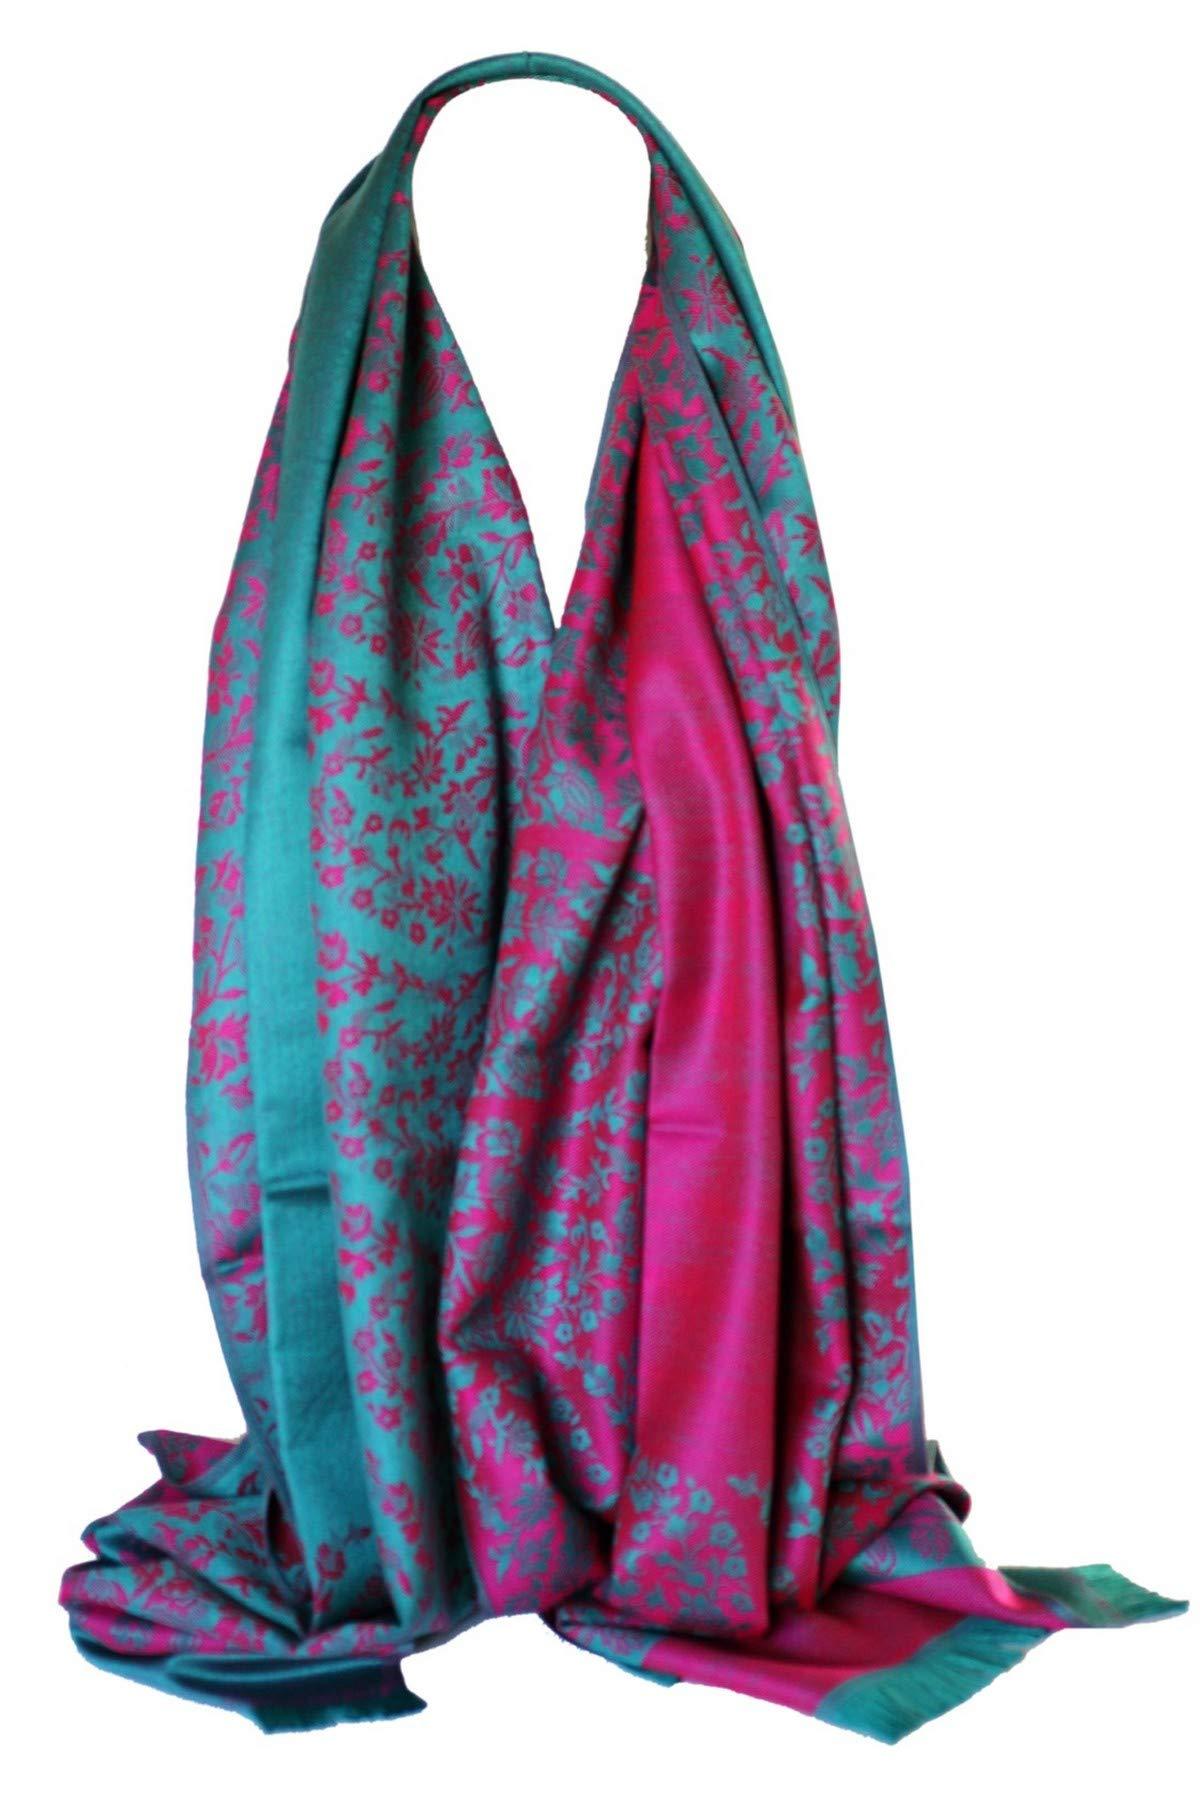 3550597e22e0 Bullahshah Qualité deux faces impression libre en relief Pashmina sensation  Wrap écharpe étole châle product image